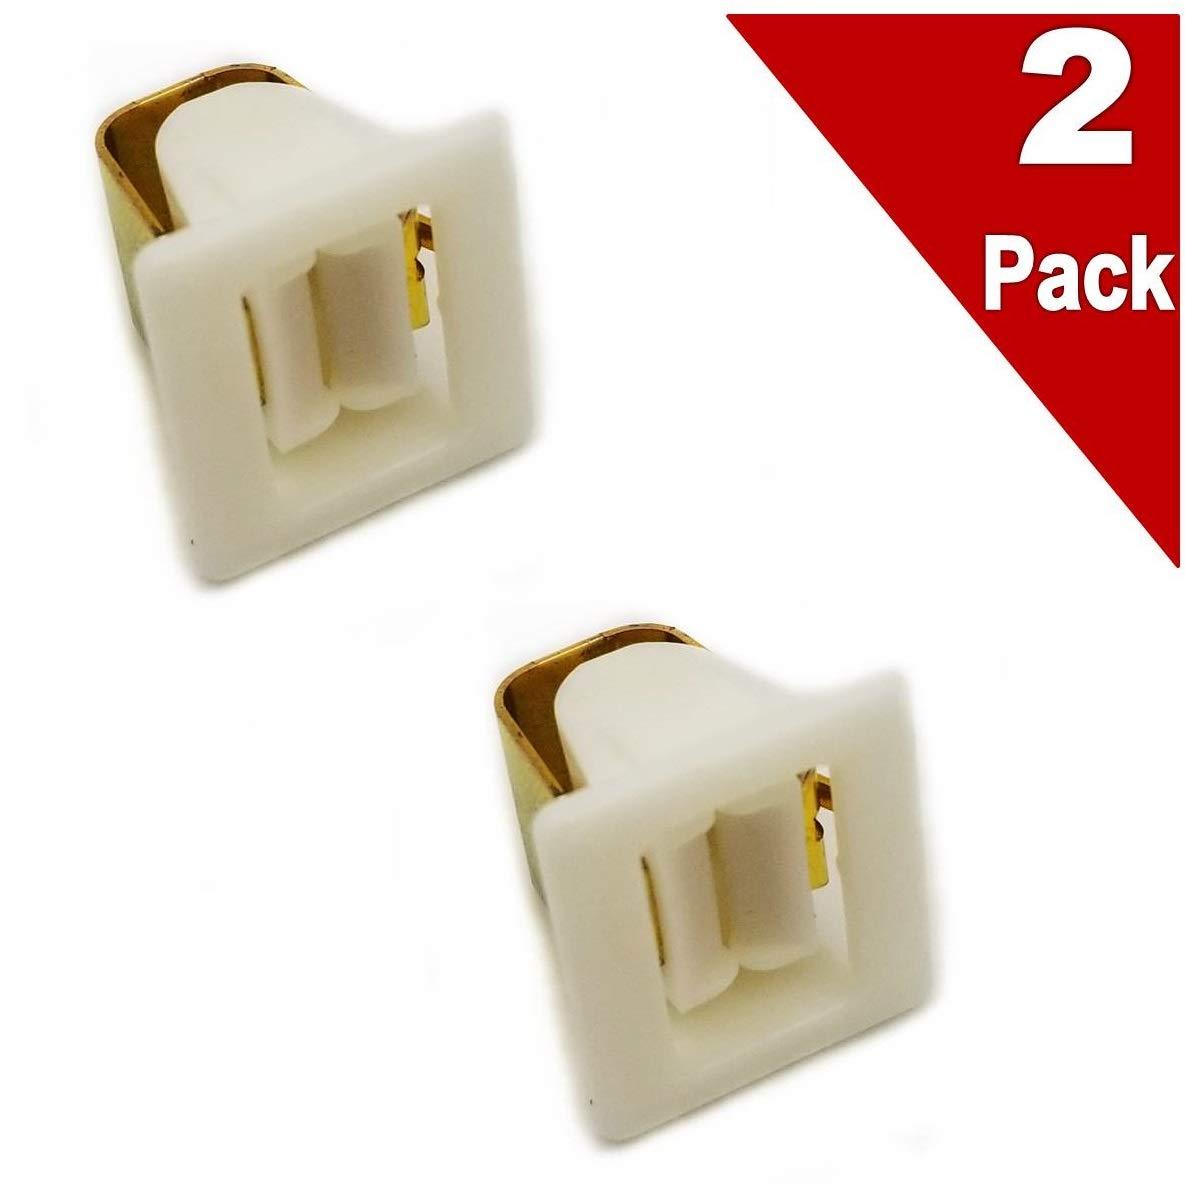 (2 Pack) EXP571 Dryer Door Catch Replaces 131658800, AP2107362, PS418433, 5307521419